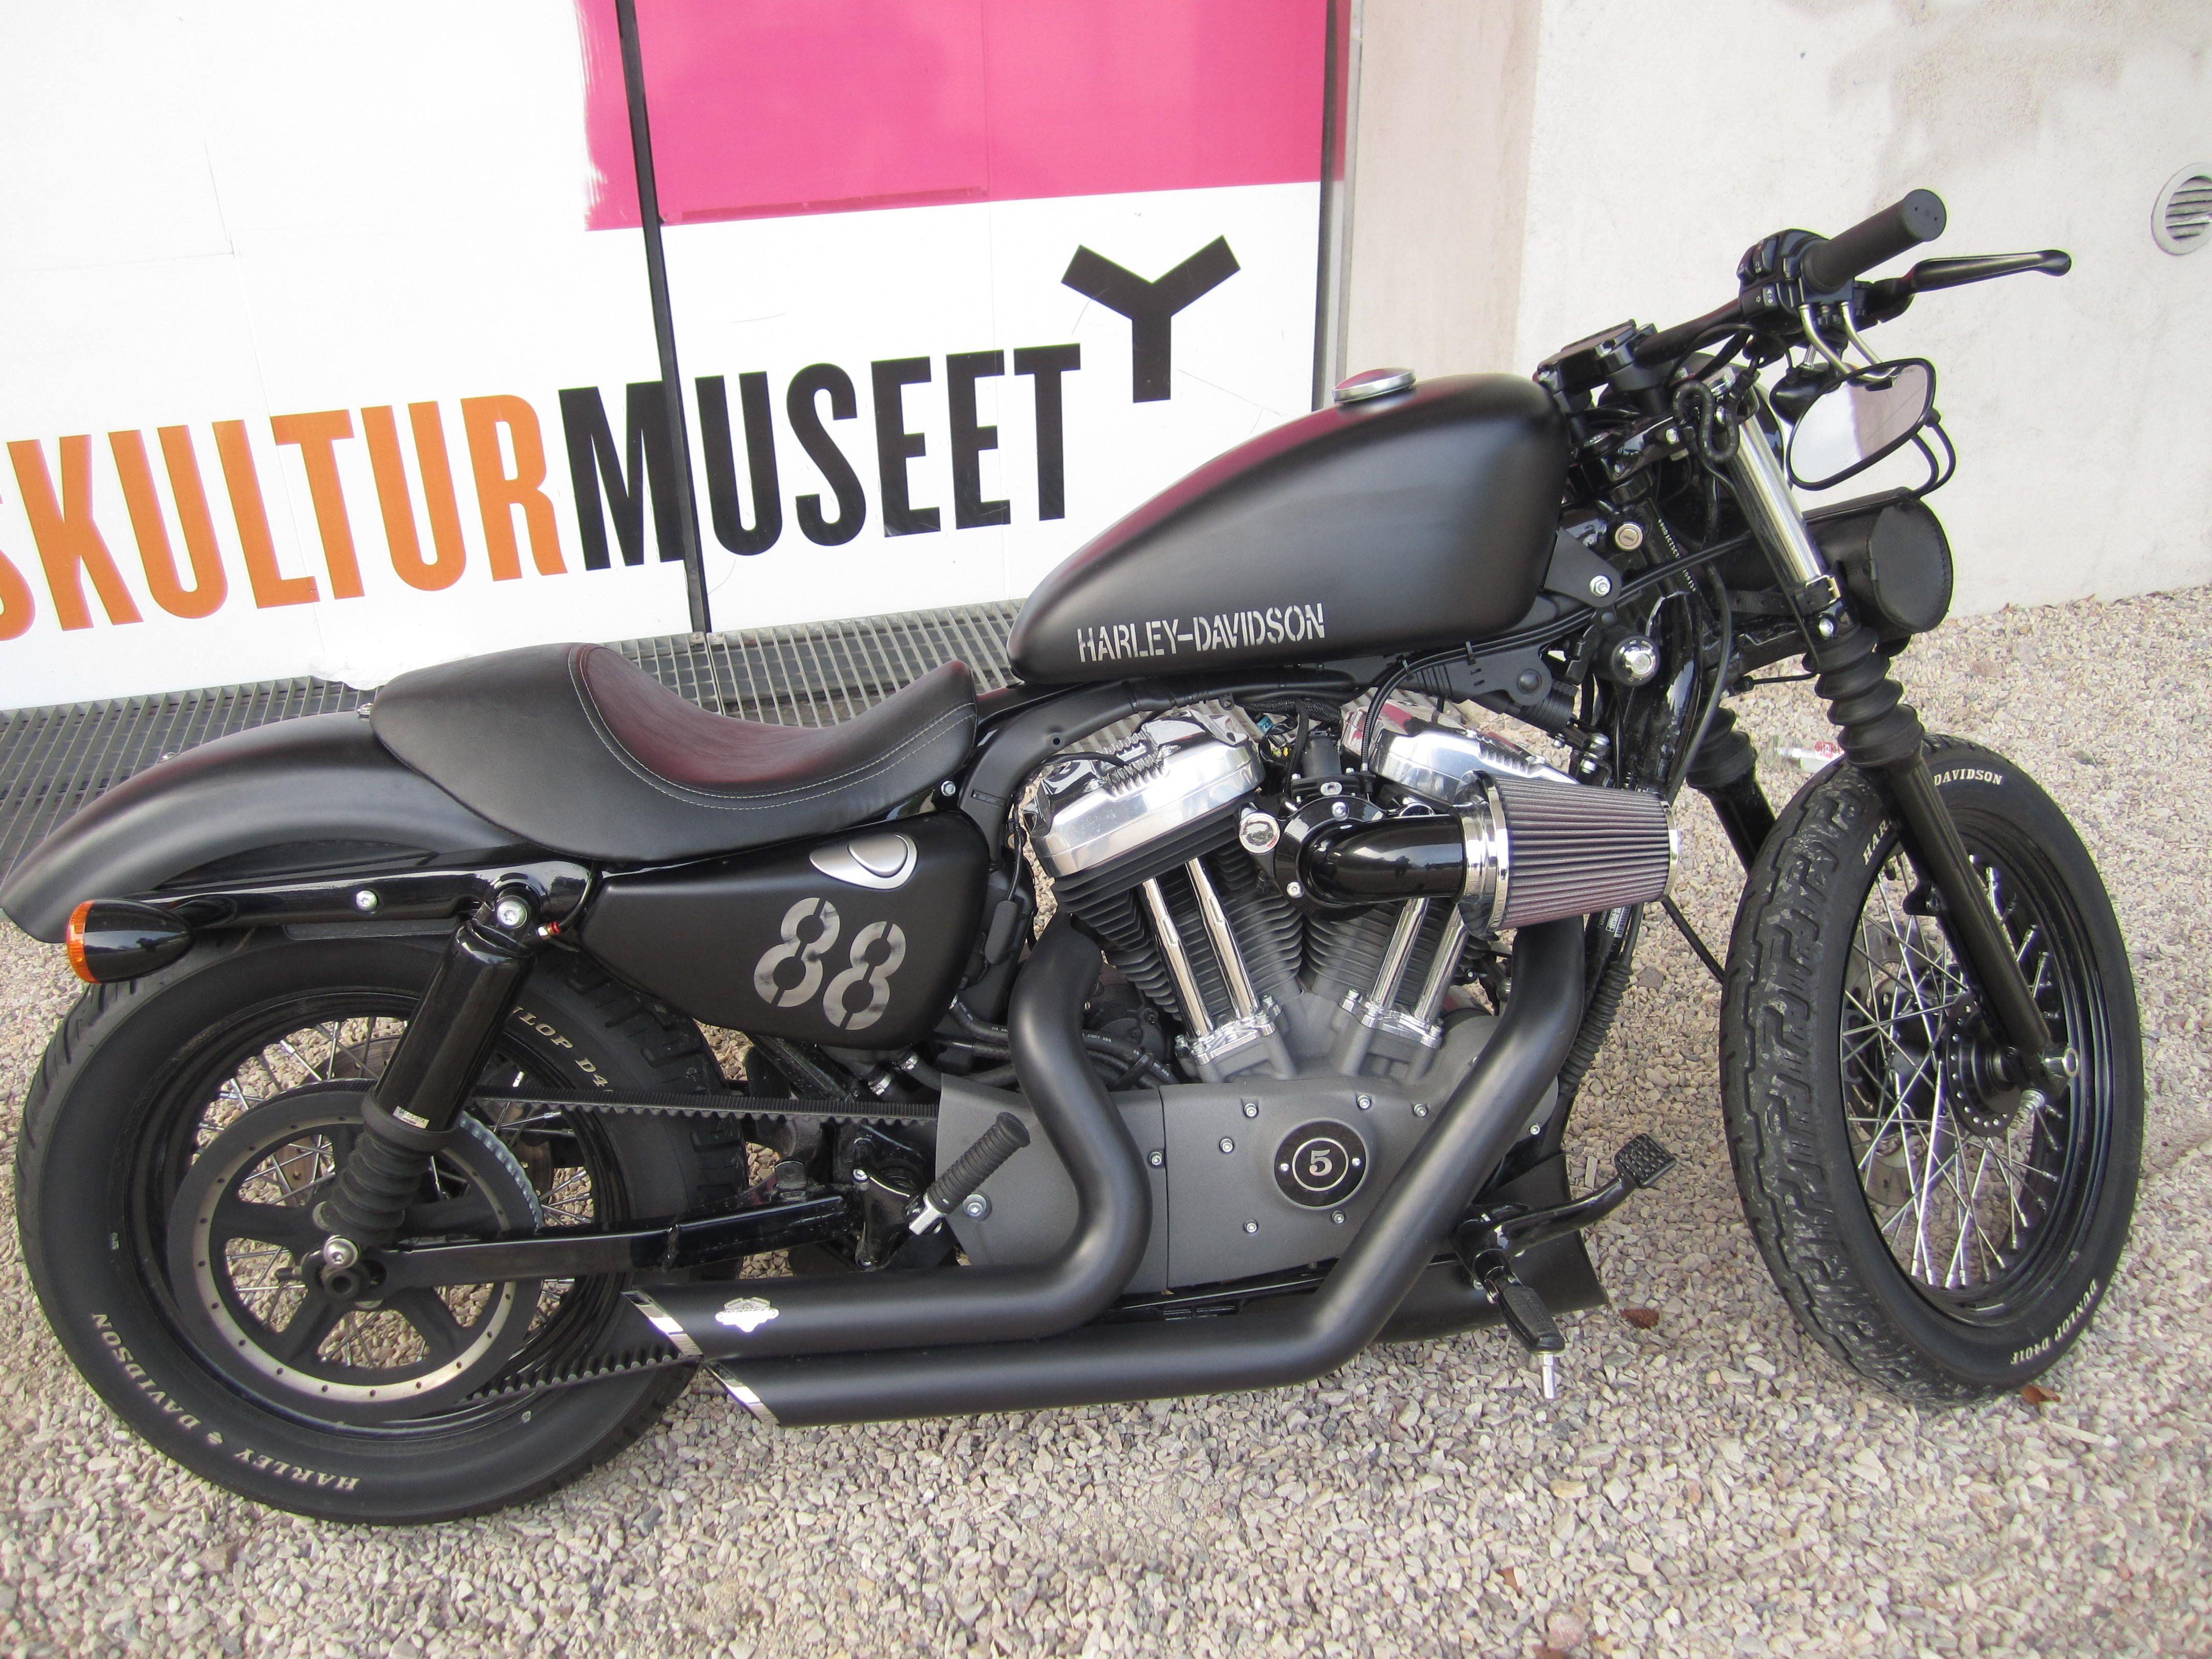 Harley Davidson Iron 883 Harley Davidson Harley Davidson Iron 883 Carros E Motos